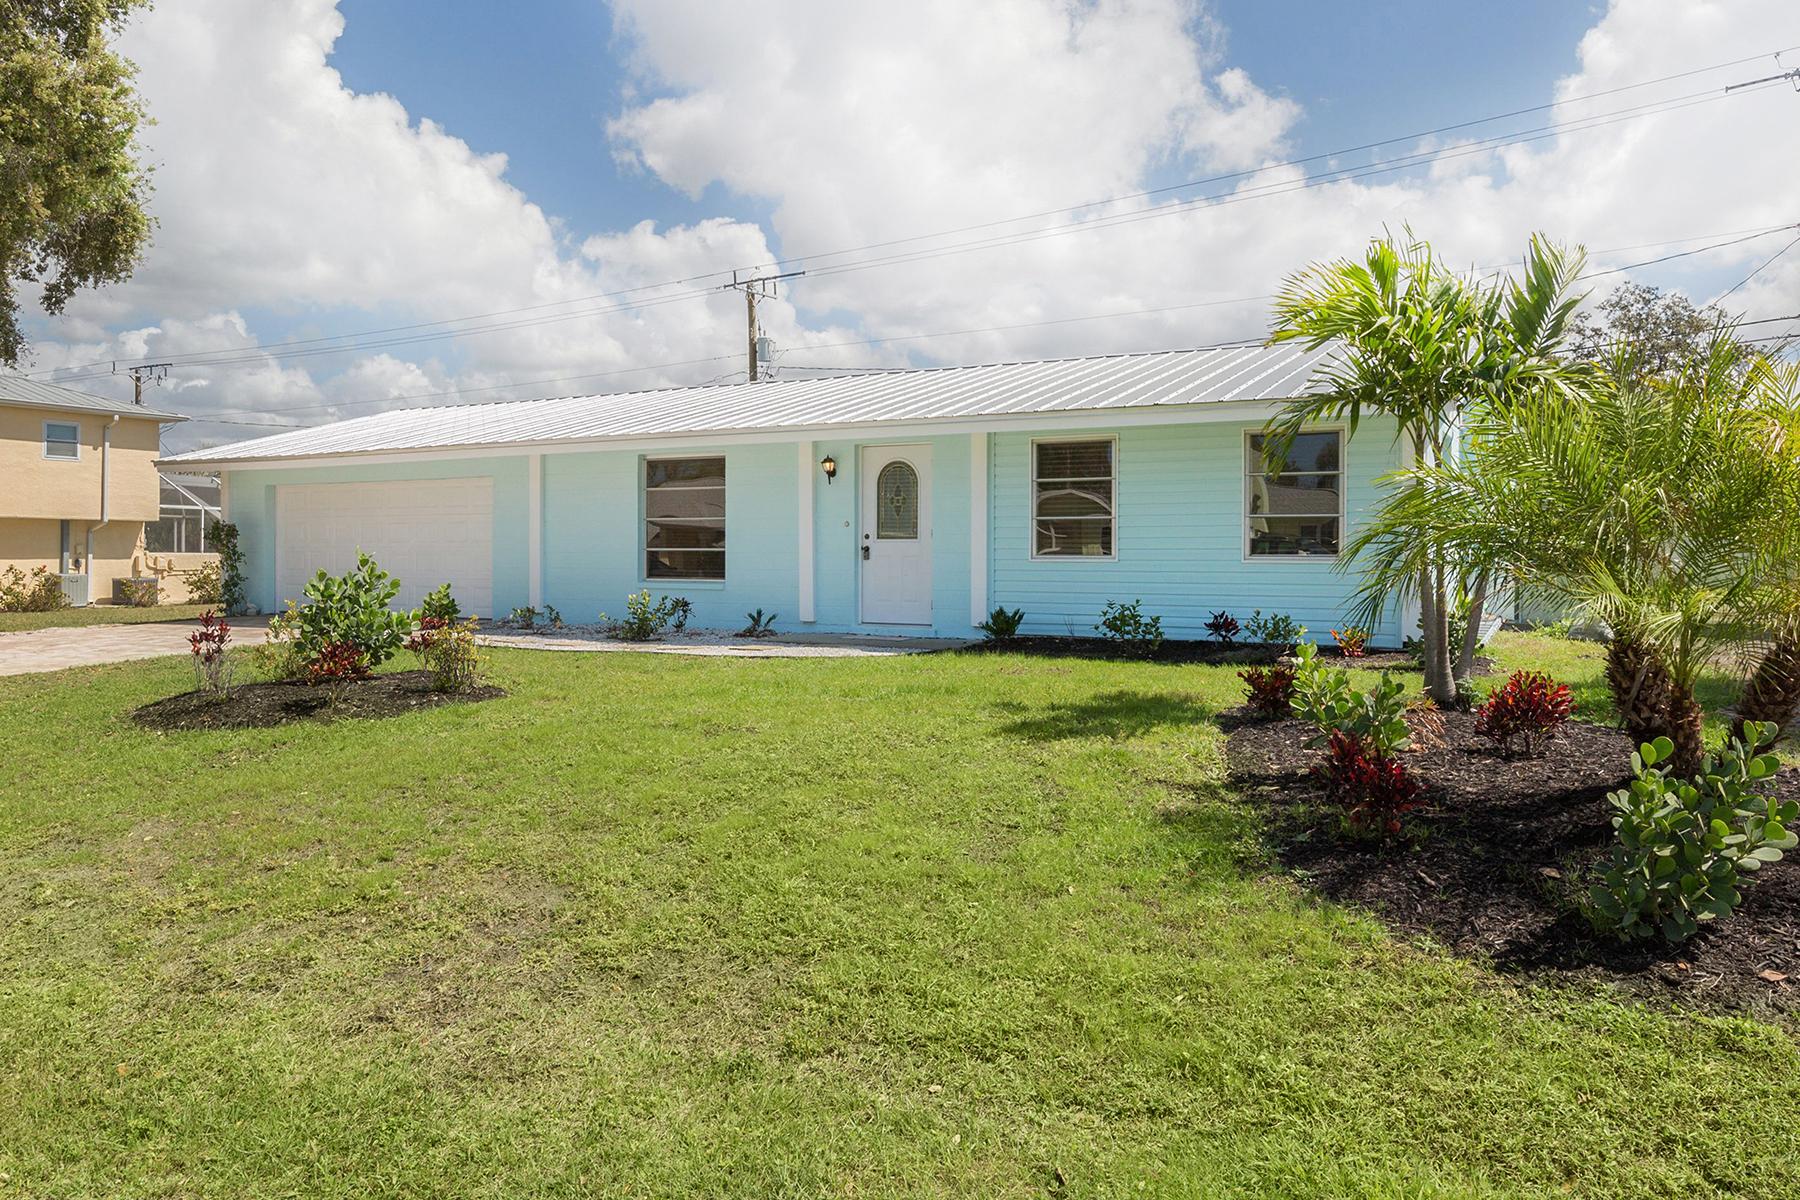 Nhà ở một gia đình vì Bán tại 623 Ravenna St , Venice, FL 34285 623 Ravenna St Venice, Florida, 34285 Hoa Kỳ